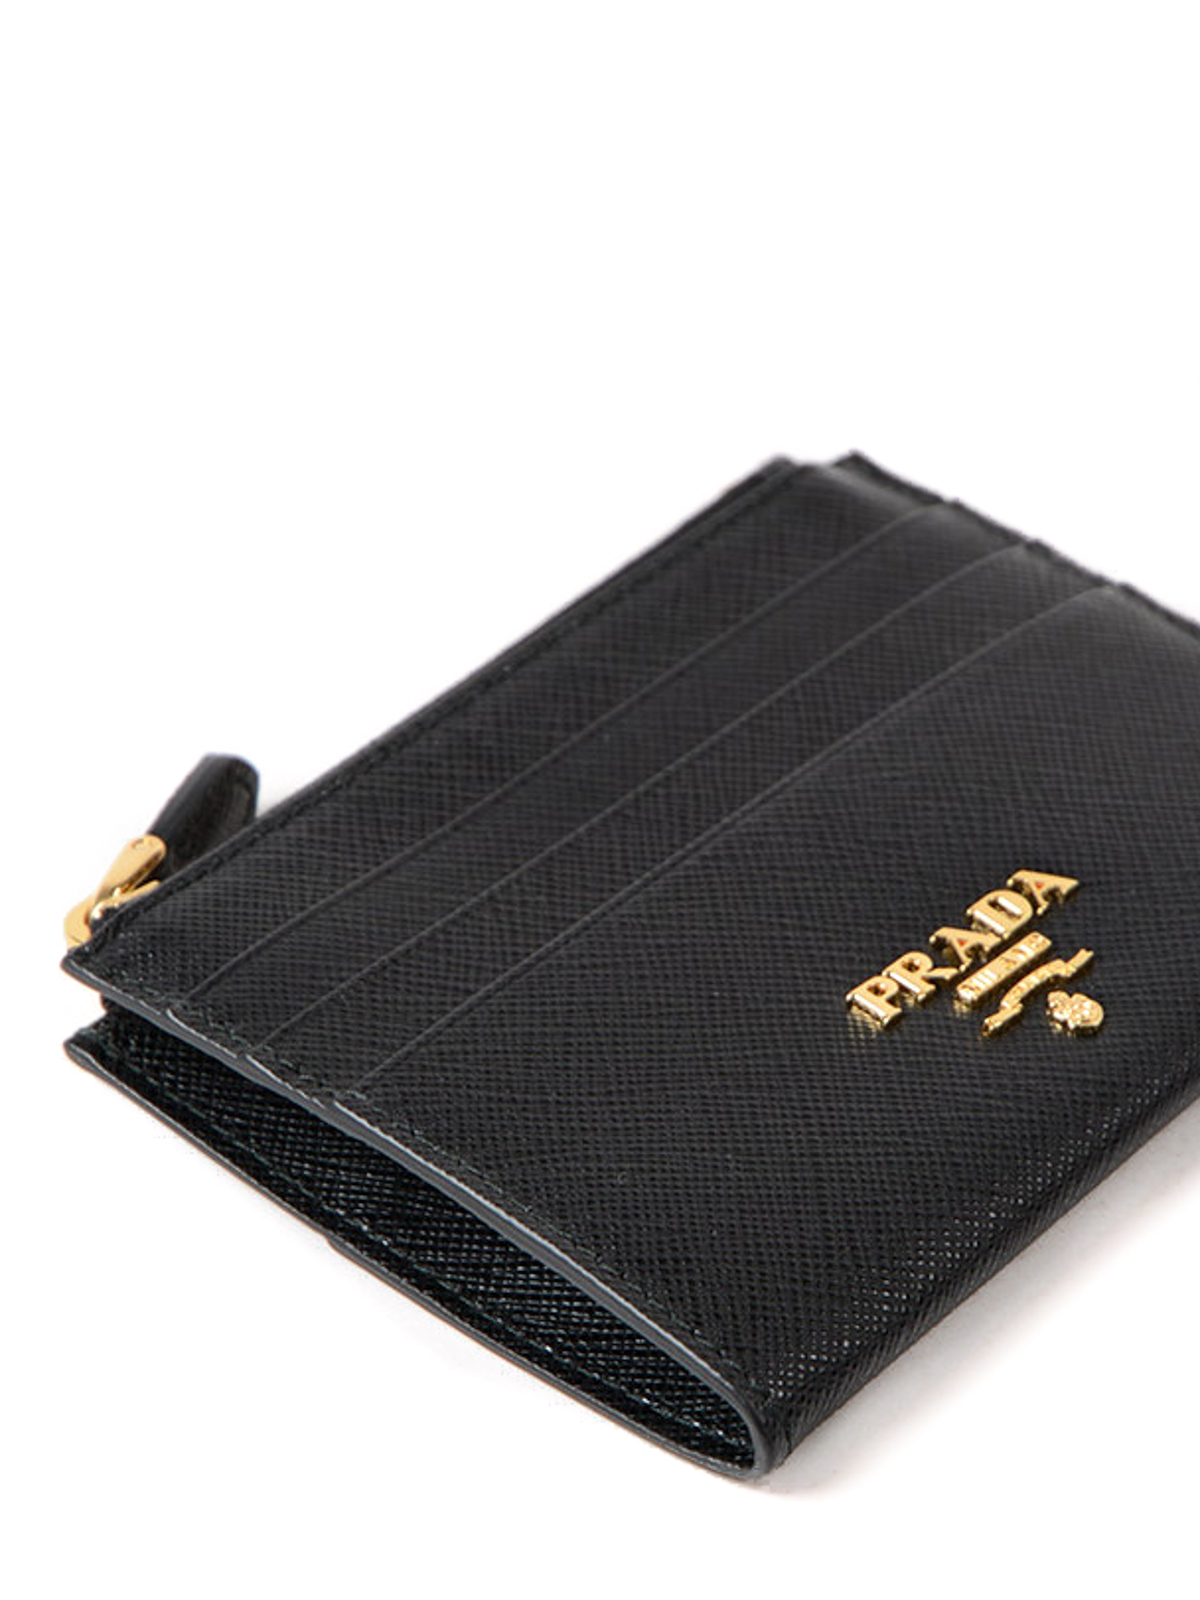 9b2ff890 Prada - Saffiano leather card case - wallets & purses - 1MC026QWAF0002